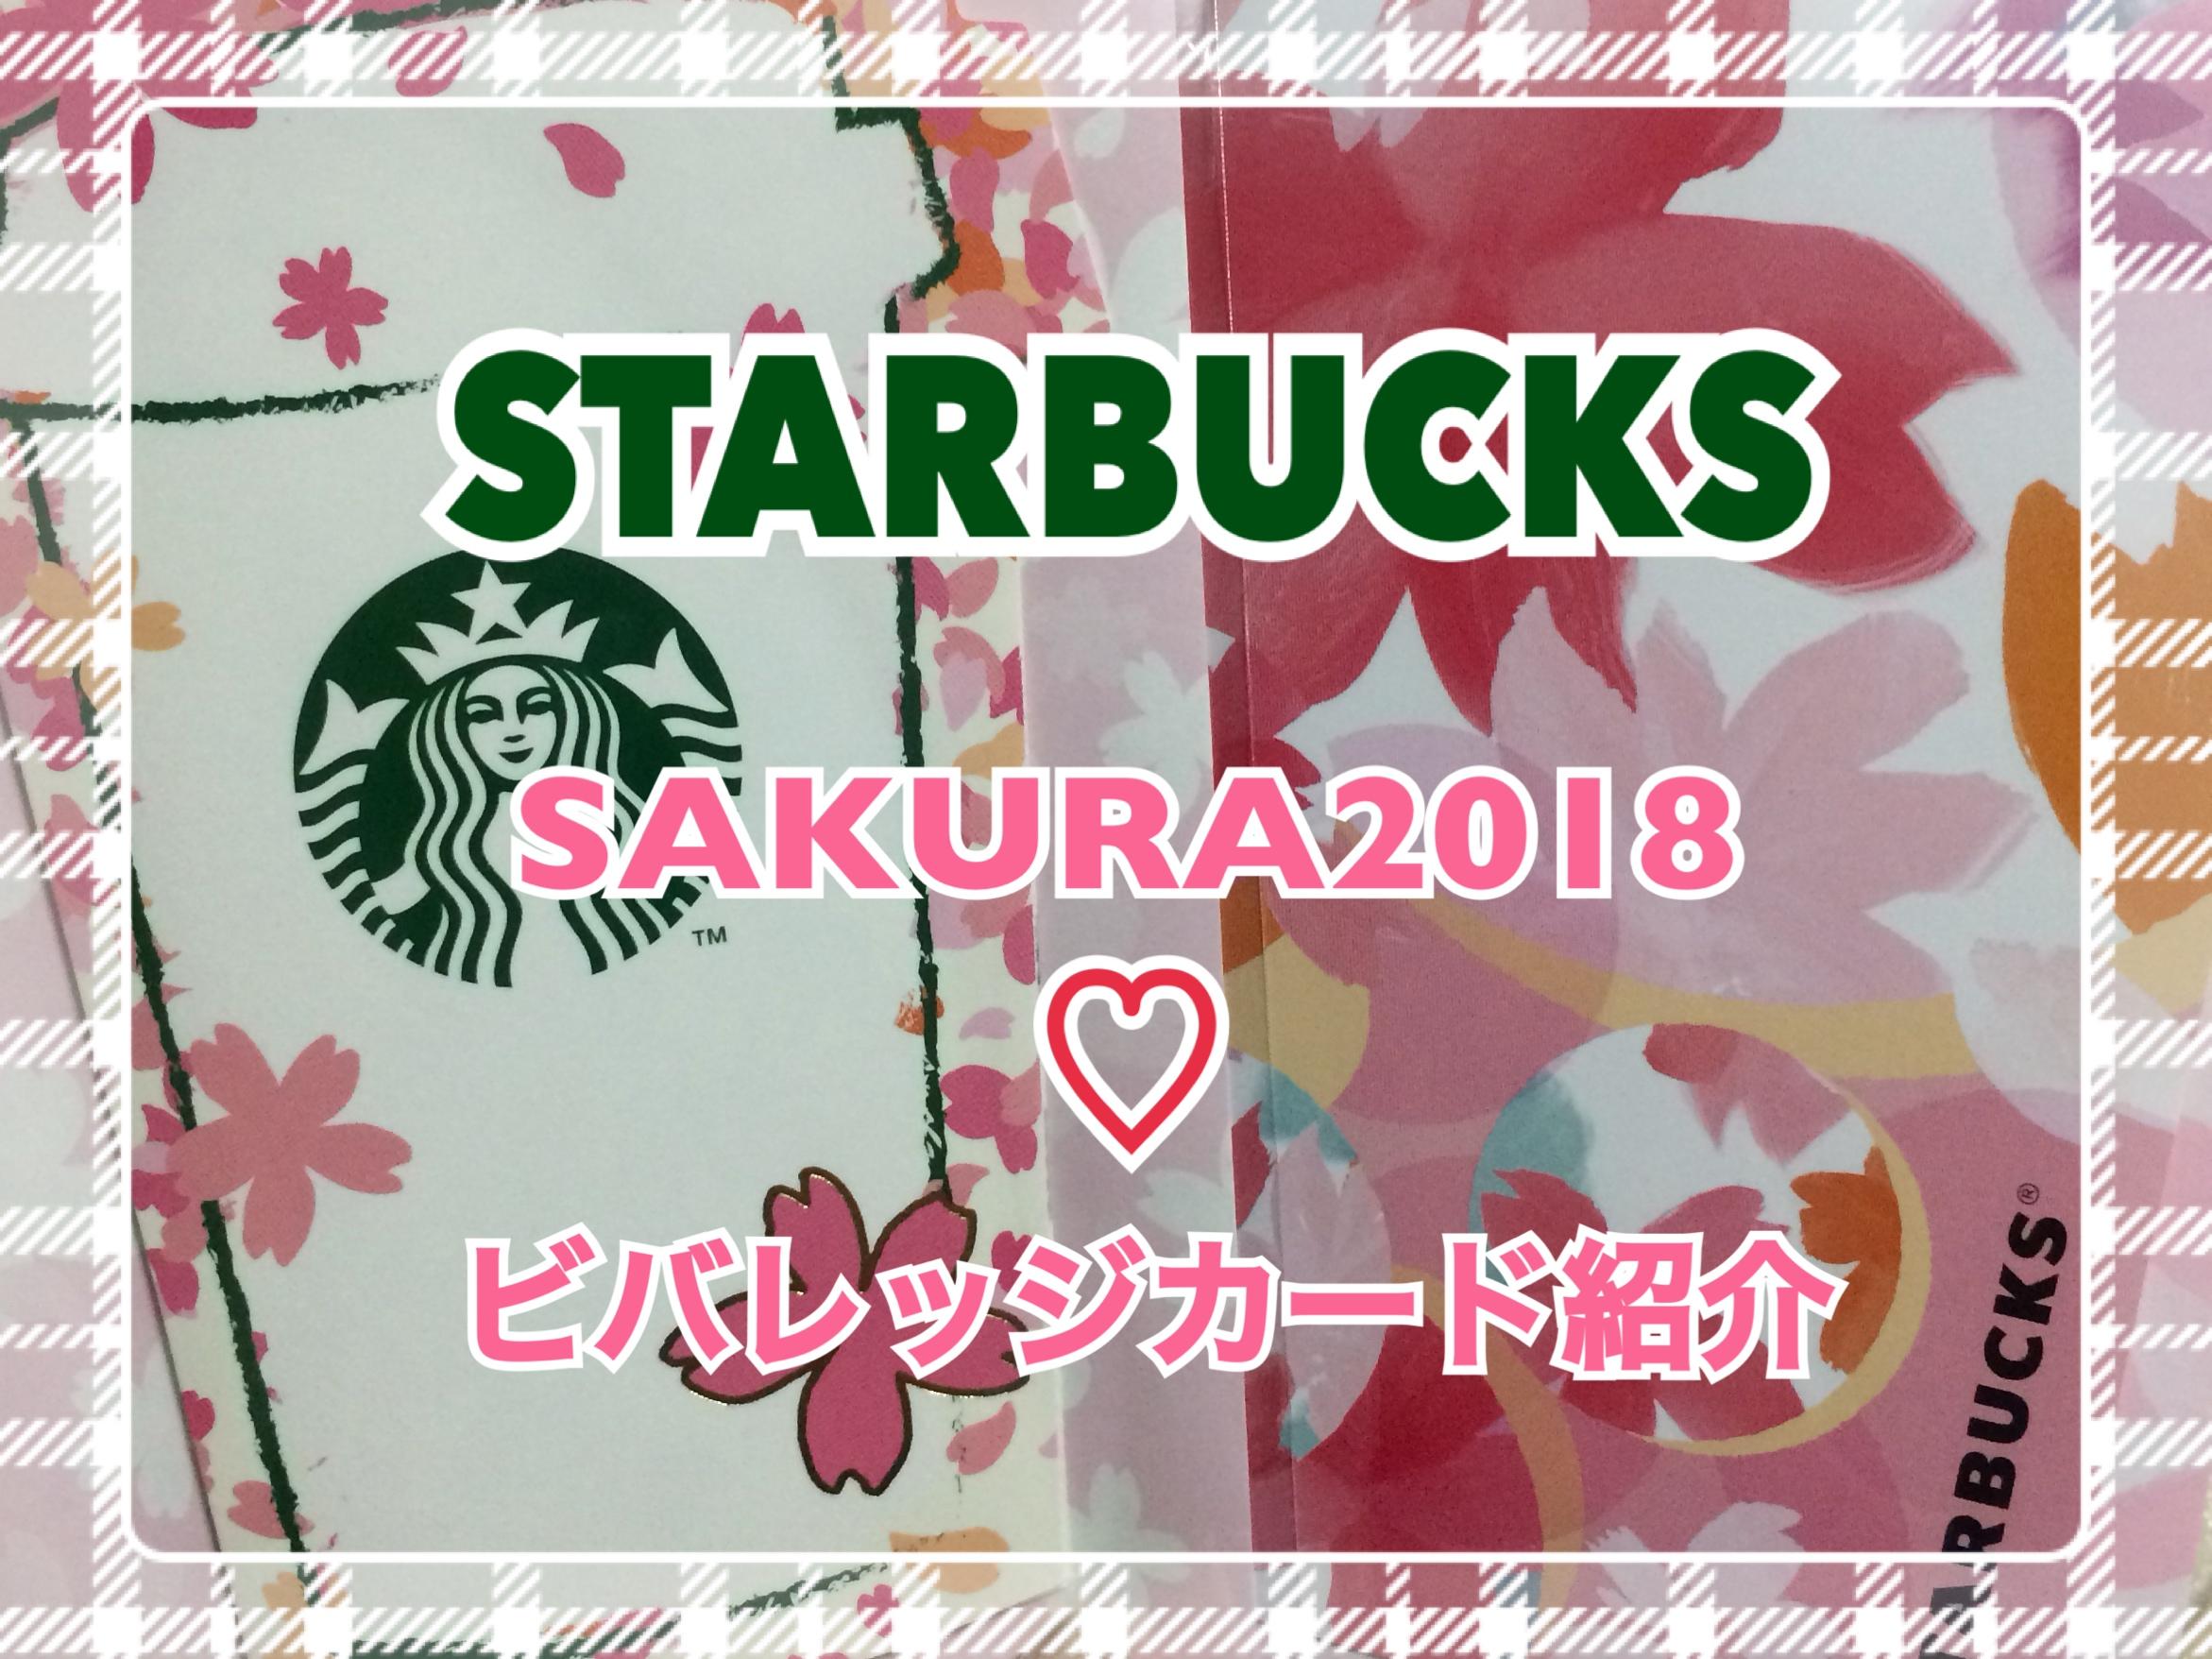 スターバックス【SAKURA(さくら)2018】お得で可愛いビバレッジカード・スタバカード紹介♡